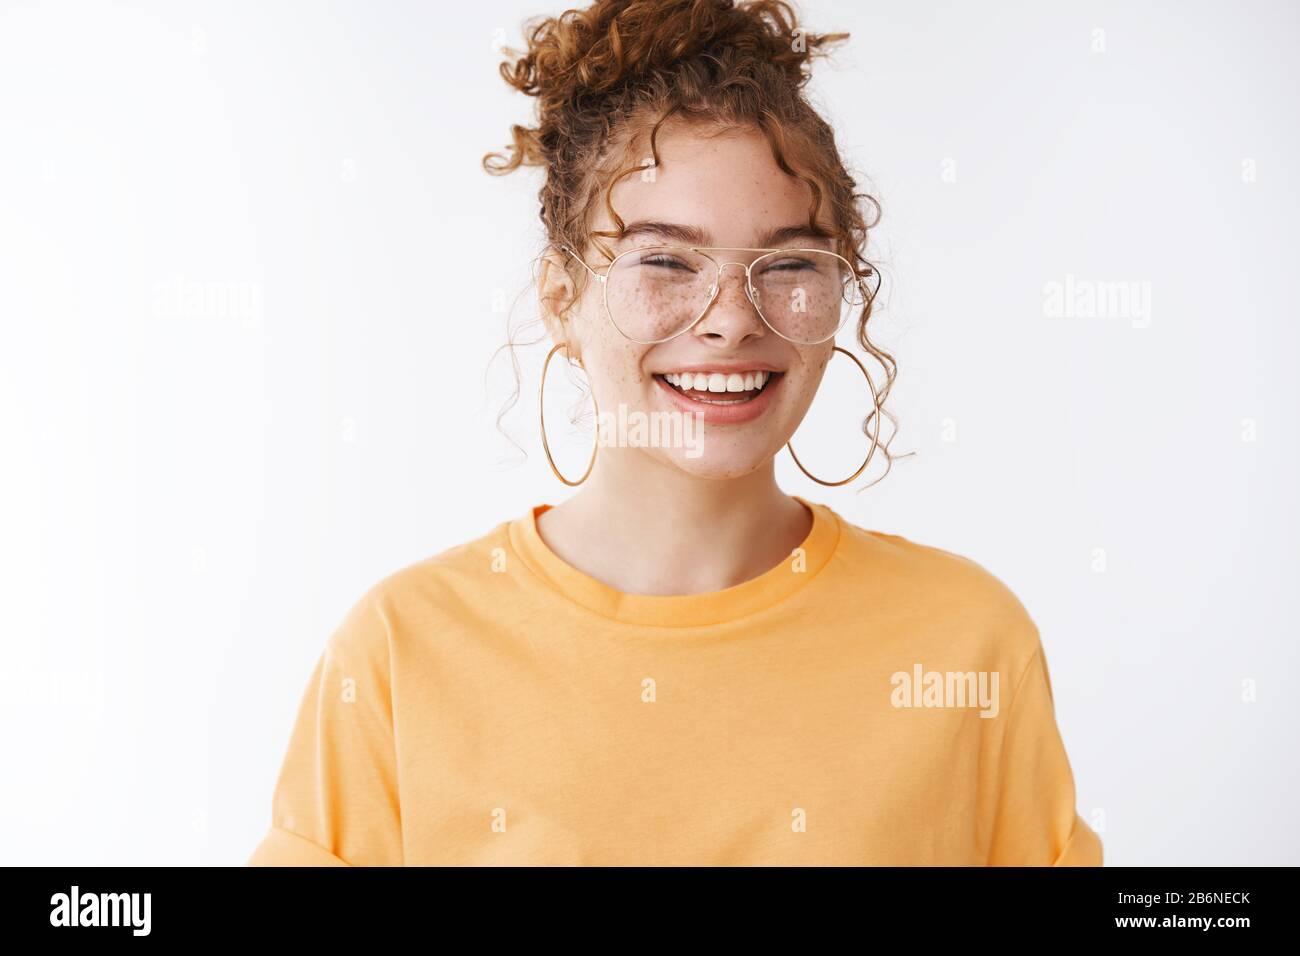 Freudig lustige charismatische attraktive europäische Ingwergirl frechelt mit Brille lachend glücklich mit fantastischem, positivem Tag Glücksgefühle Stockfoto